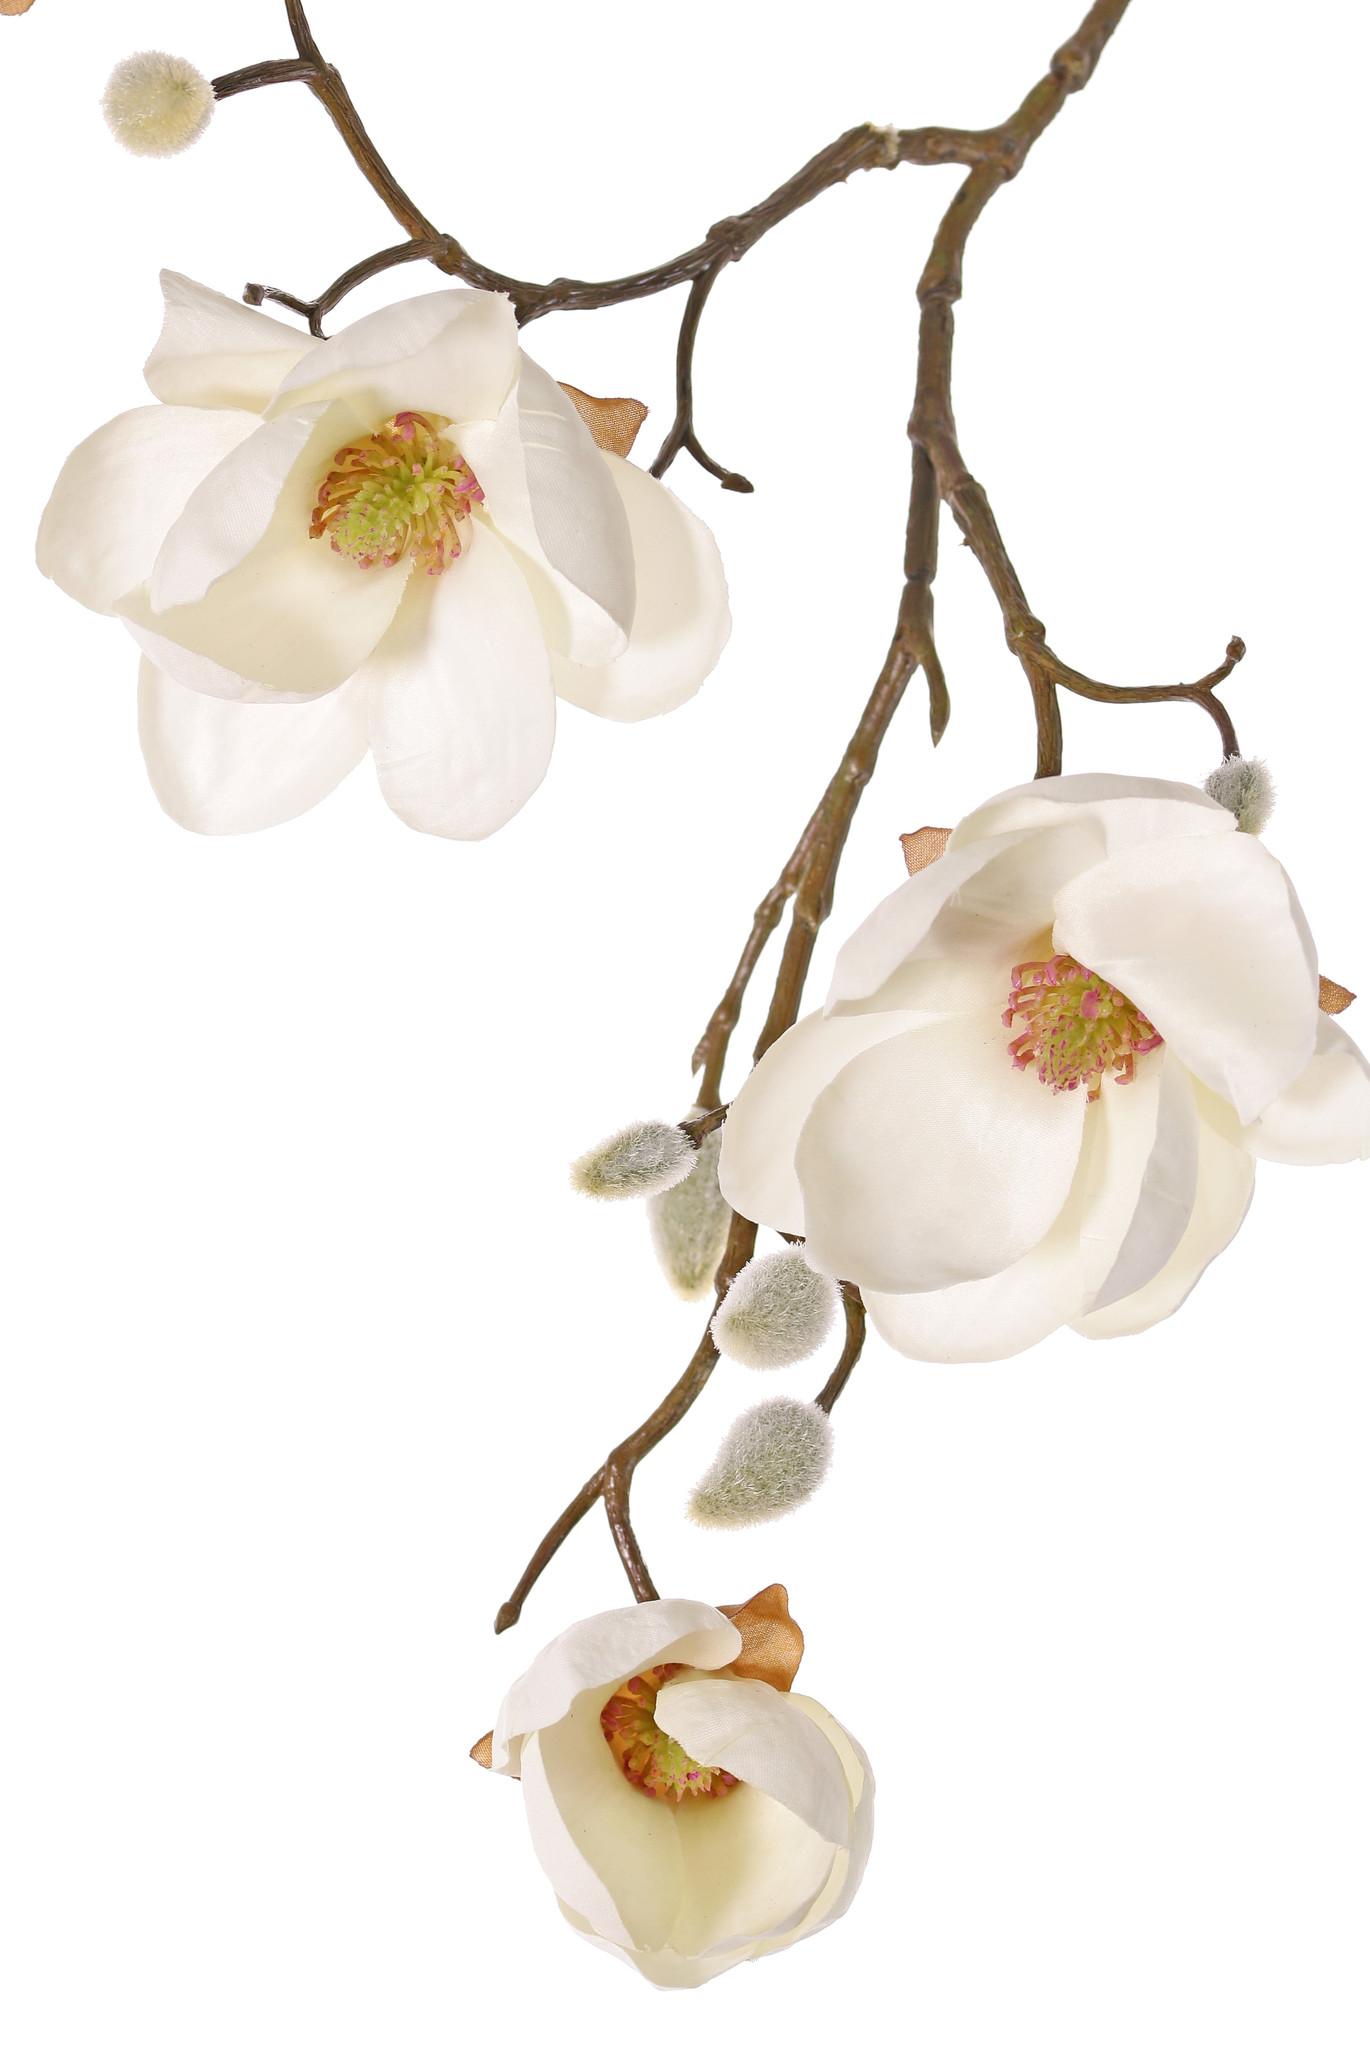 Magnolia, 5 flowers (3x Ø 8cm, 2x 5 cm) & 12 buds, 80 cm